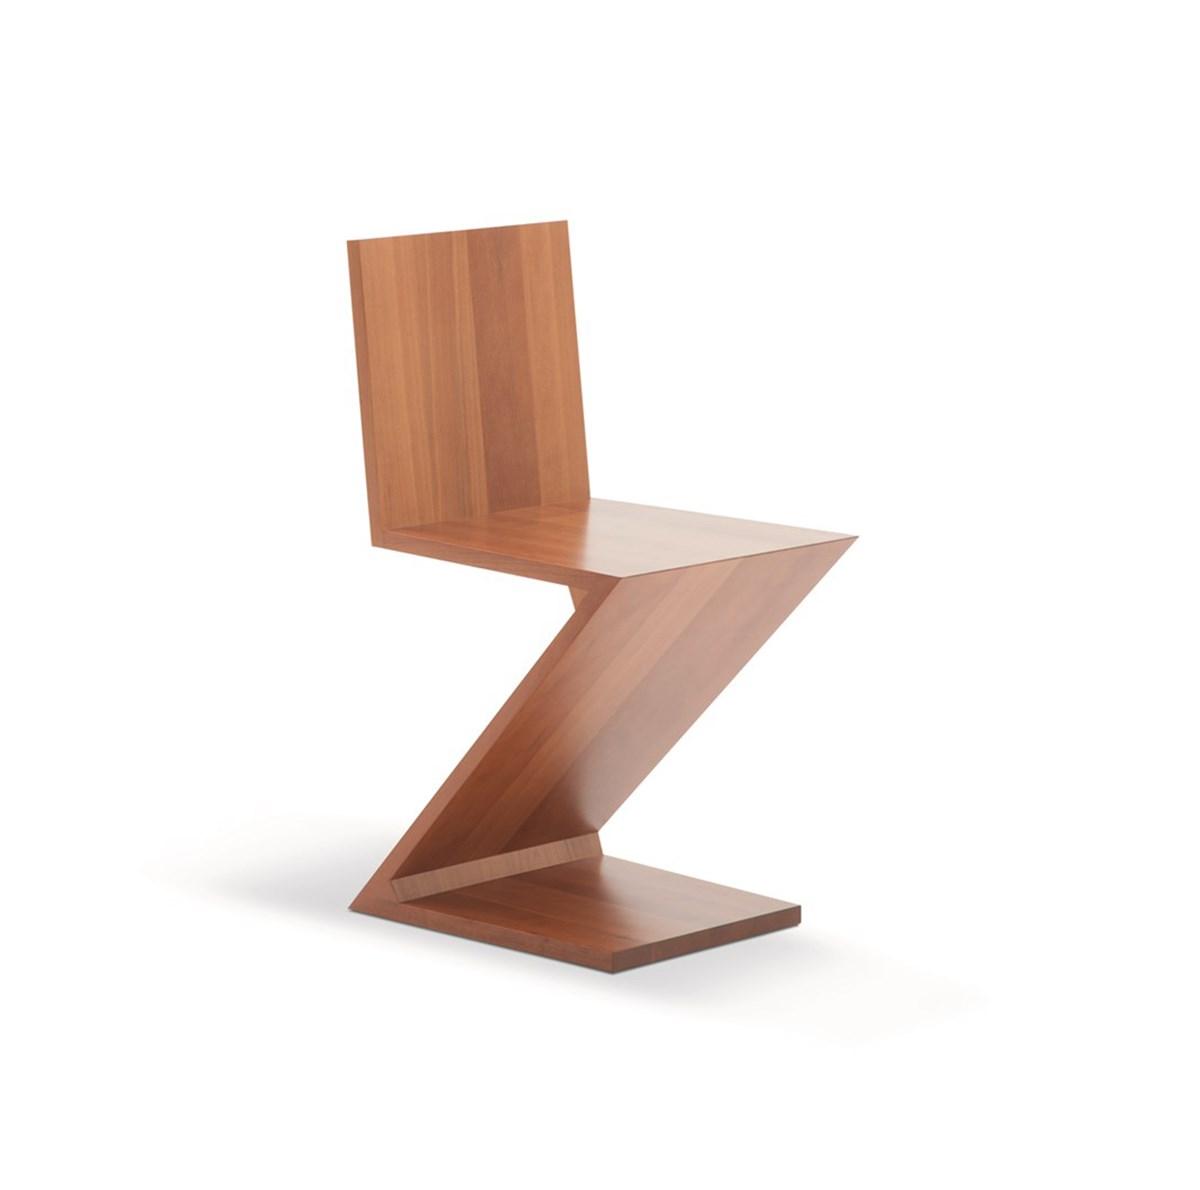 Cassina-Gerrit-Thomas-Rietveld-Zig-Zag-Chair-Matisse-1